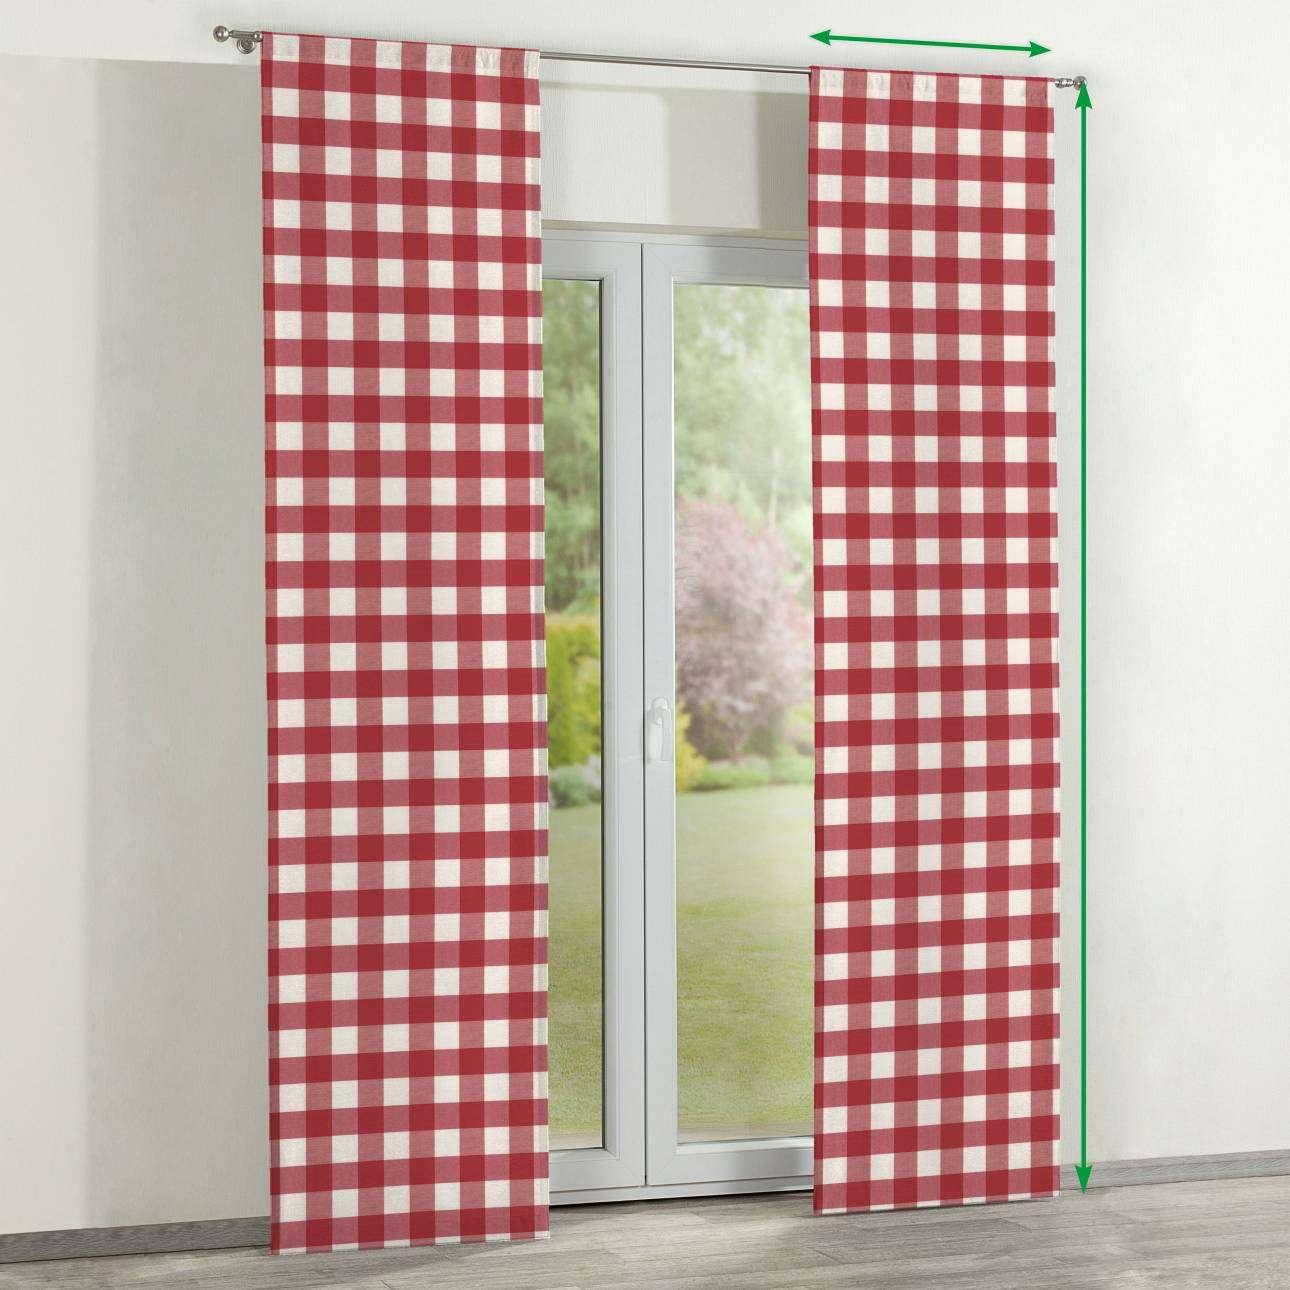 Lapfüggöny 2 darabos a kollekcióból Quadro Lakástextil, Dekoranyag: 136-18